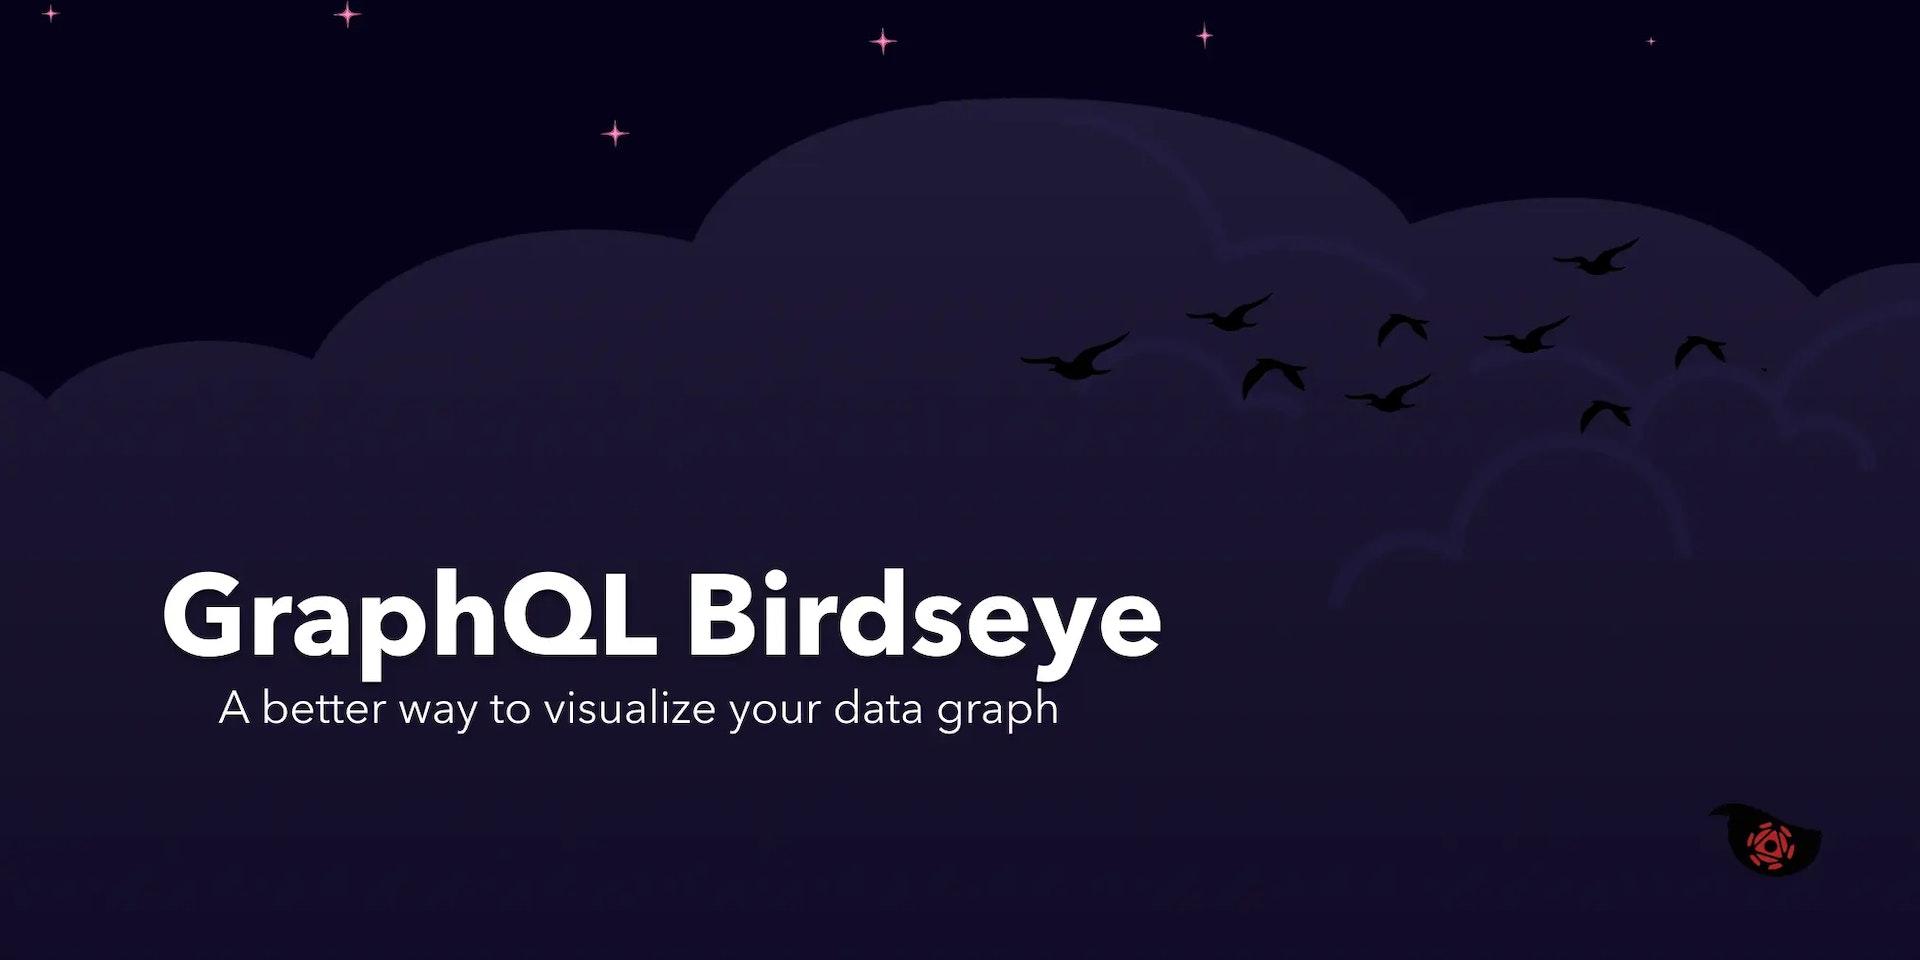 Introducing GraphQL Birdseye 🦅